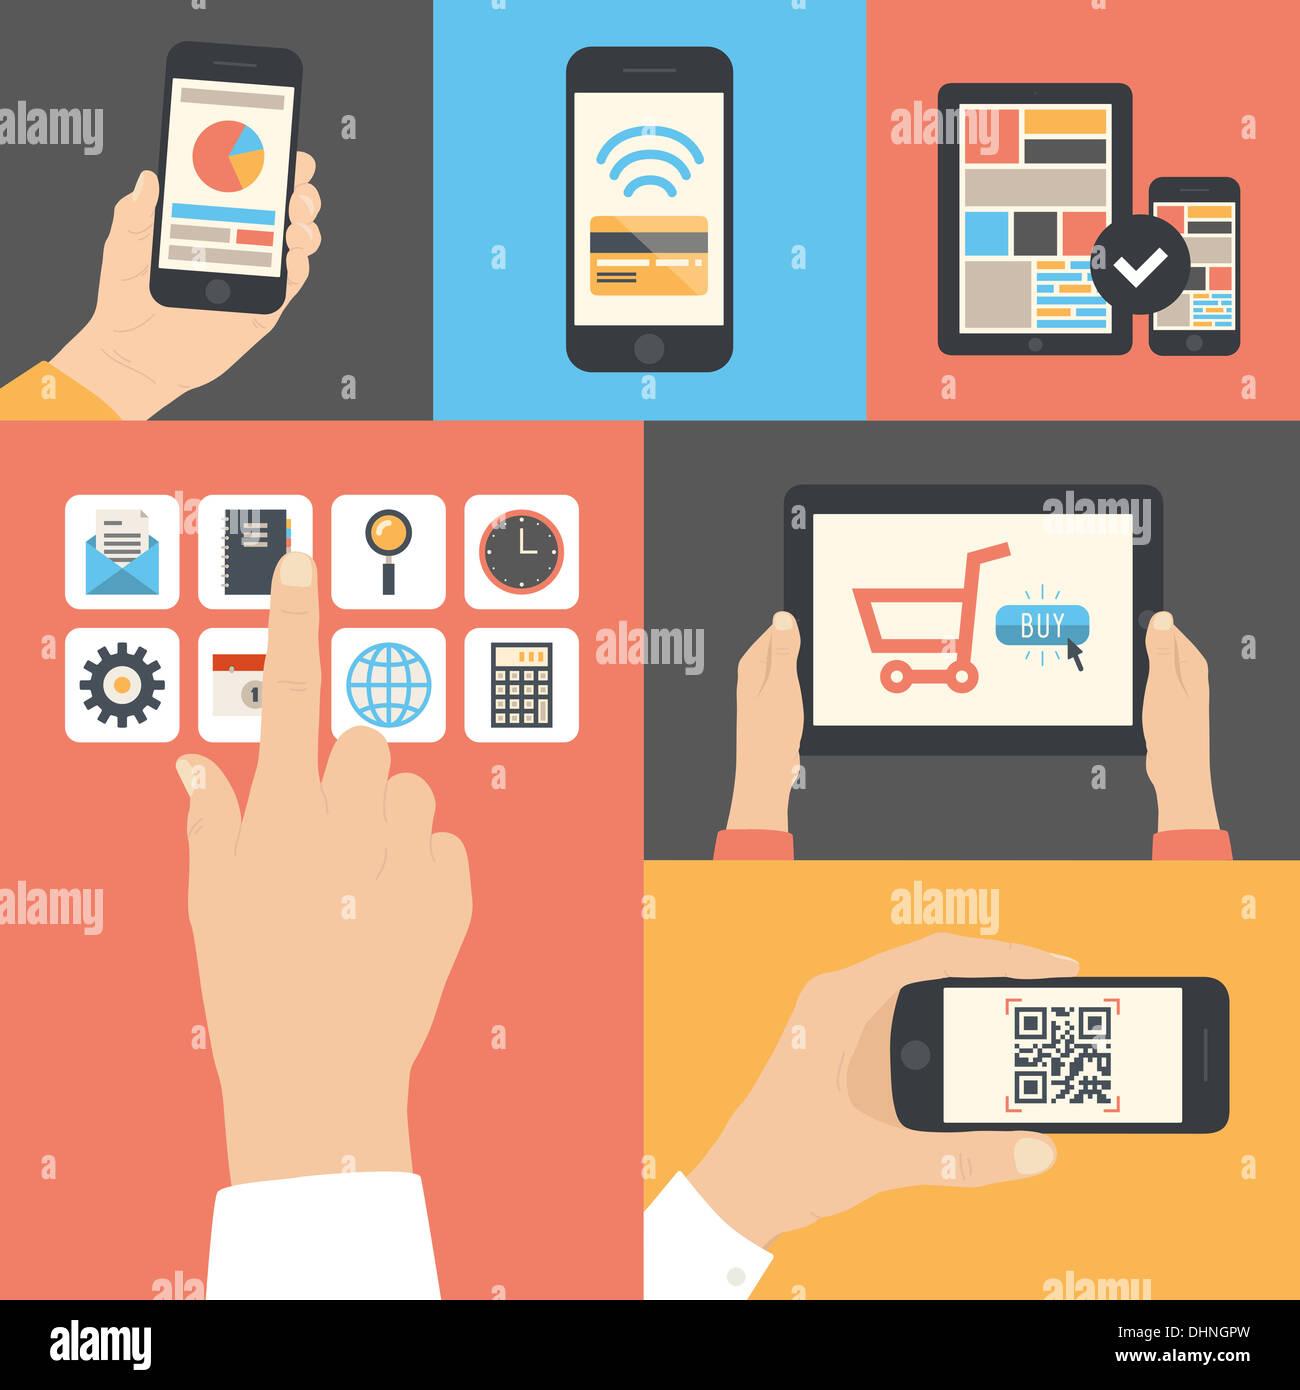 Télévision illustration ensemble de l'interface à écran tactile, un téléphone mobile de la numérisation d'un QR Banque D'Images